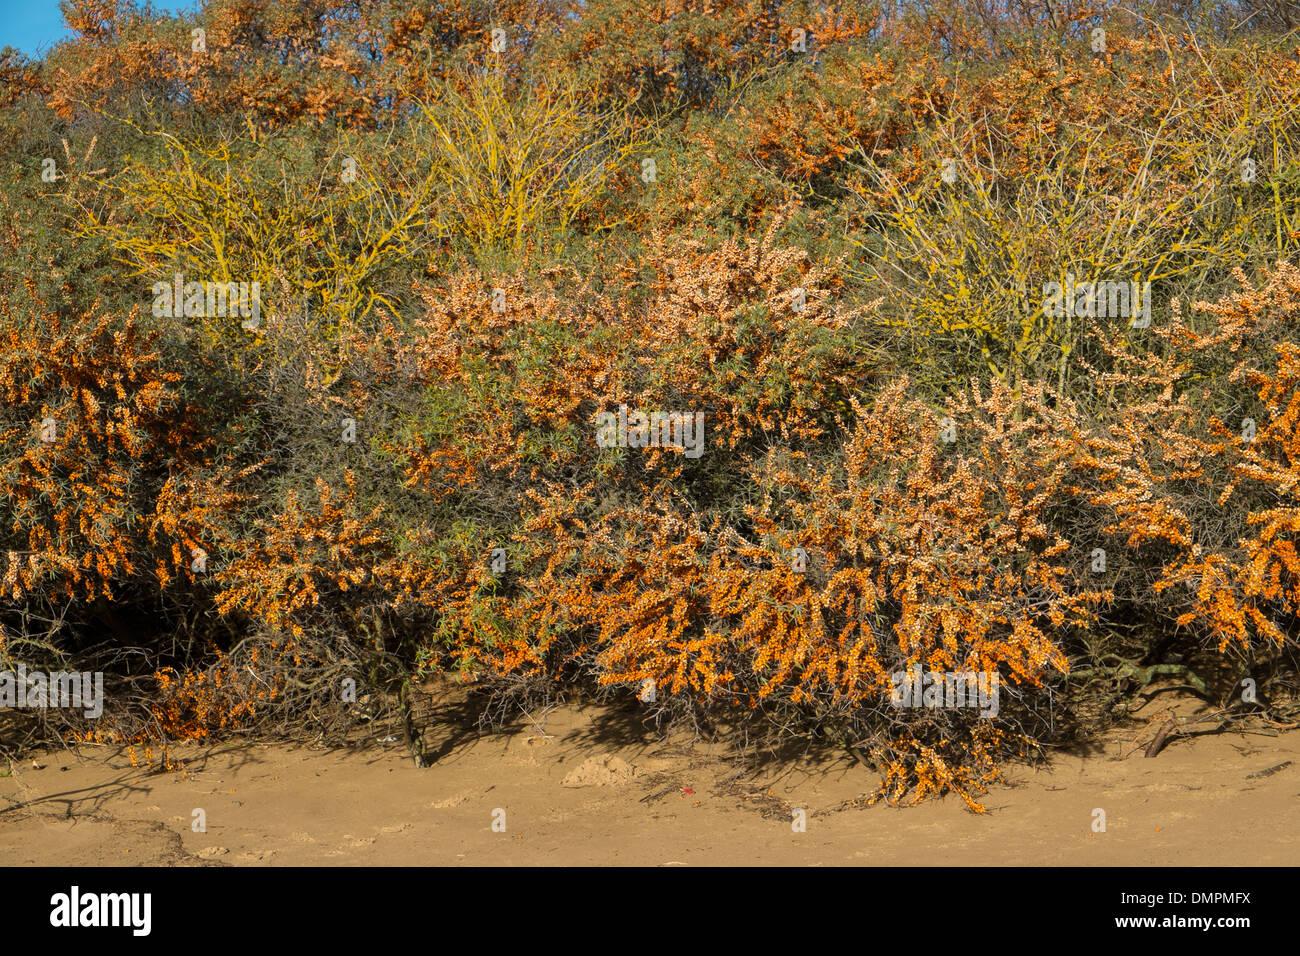 Dune côtière couverte de broussailles, de l'argousier (Hippophae) montrant les baies mûres. Banque D'Images